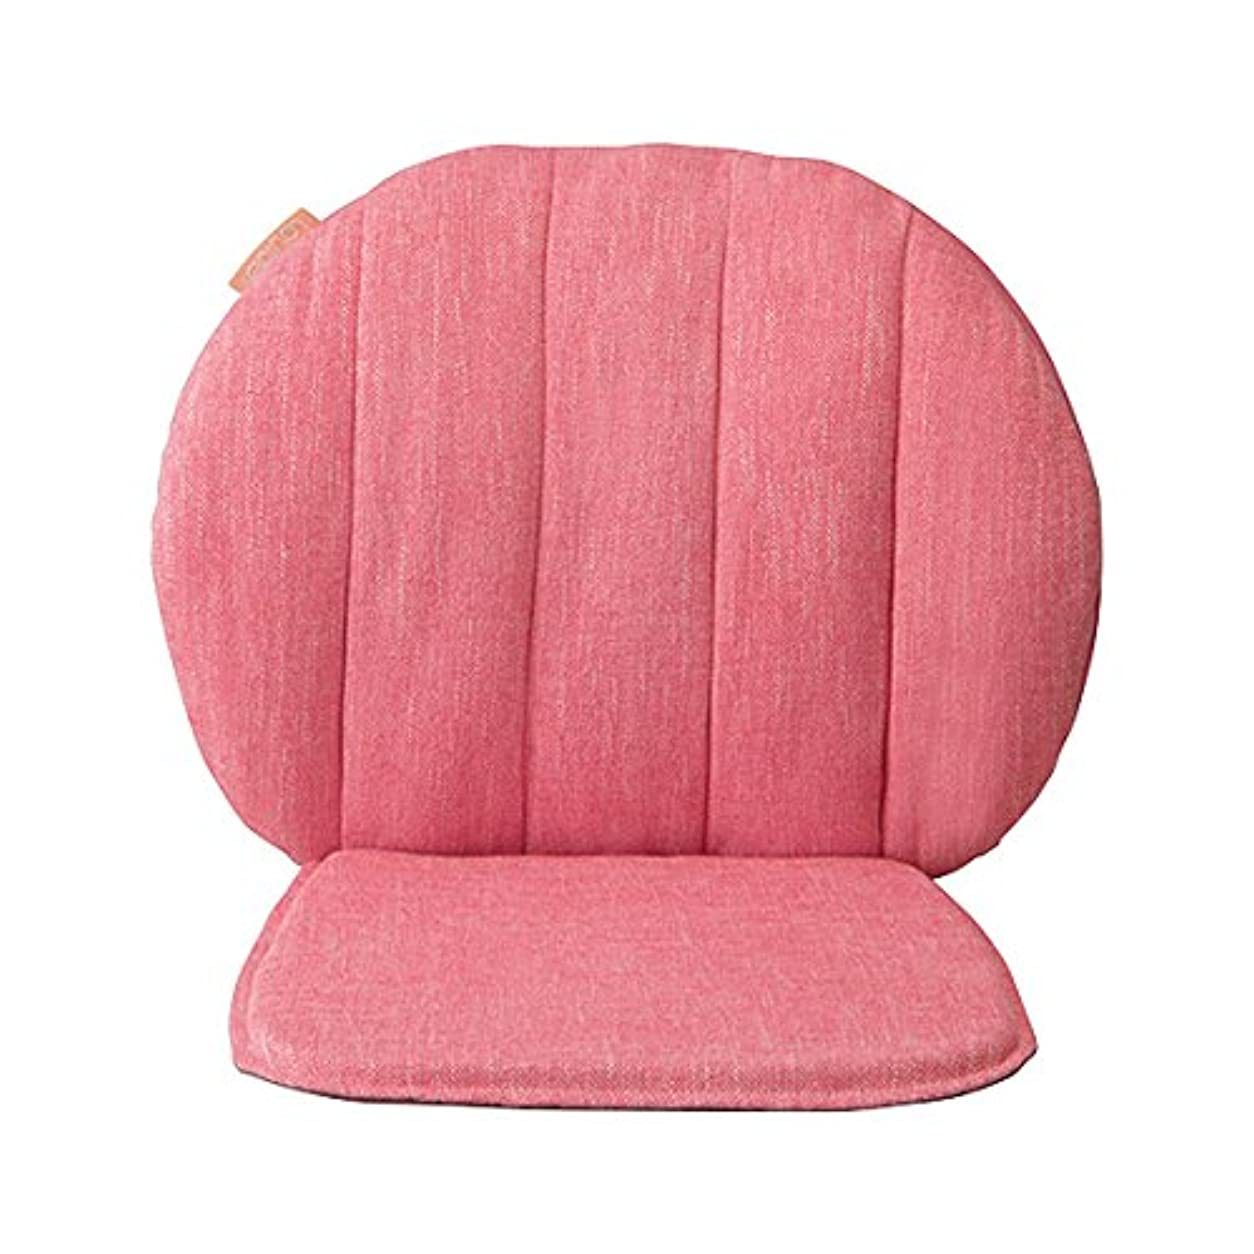 注入見かけ上価値のないアテックス マッサージクッション フリースタイル(ピンク)ATEX ルルド Massage CUSHION Free Style AX-KCL7500PK